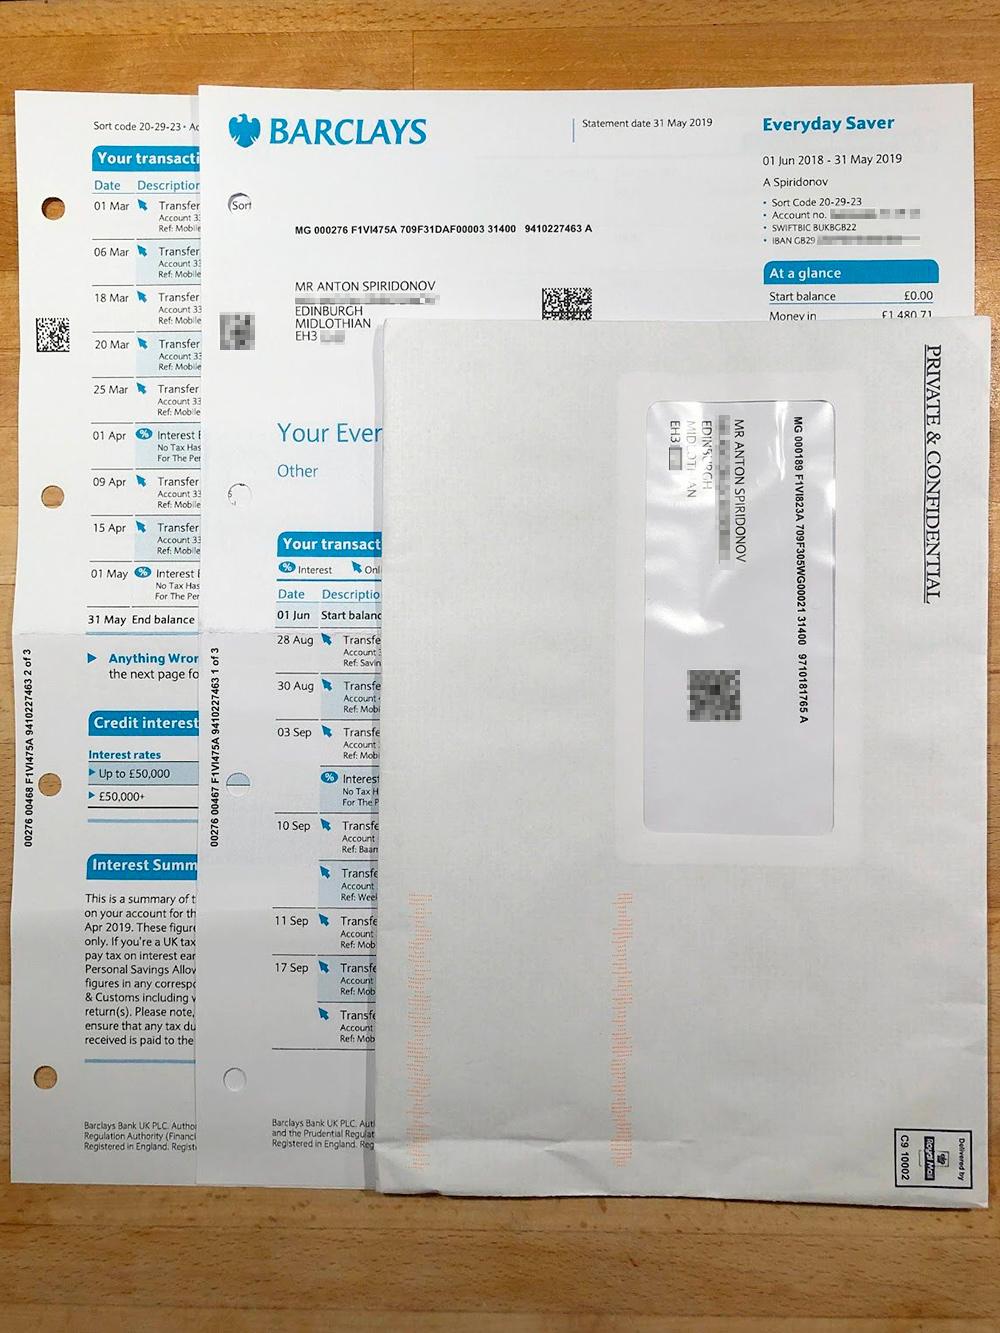 Регулярные рассылки банковских выписок по почте